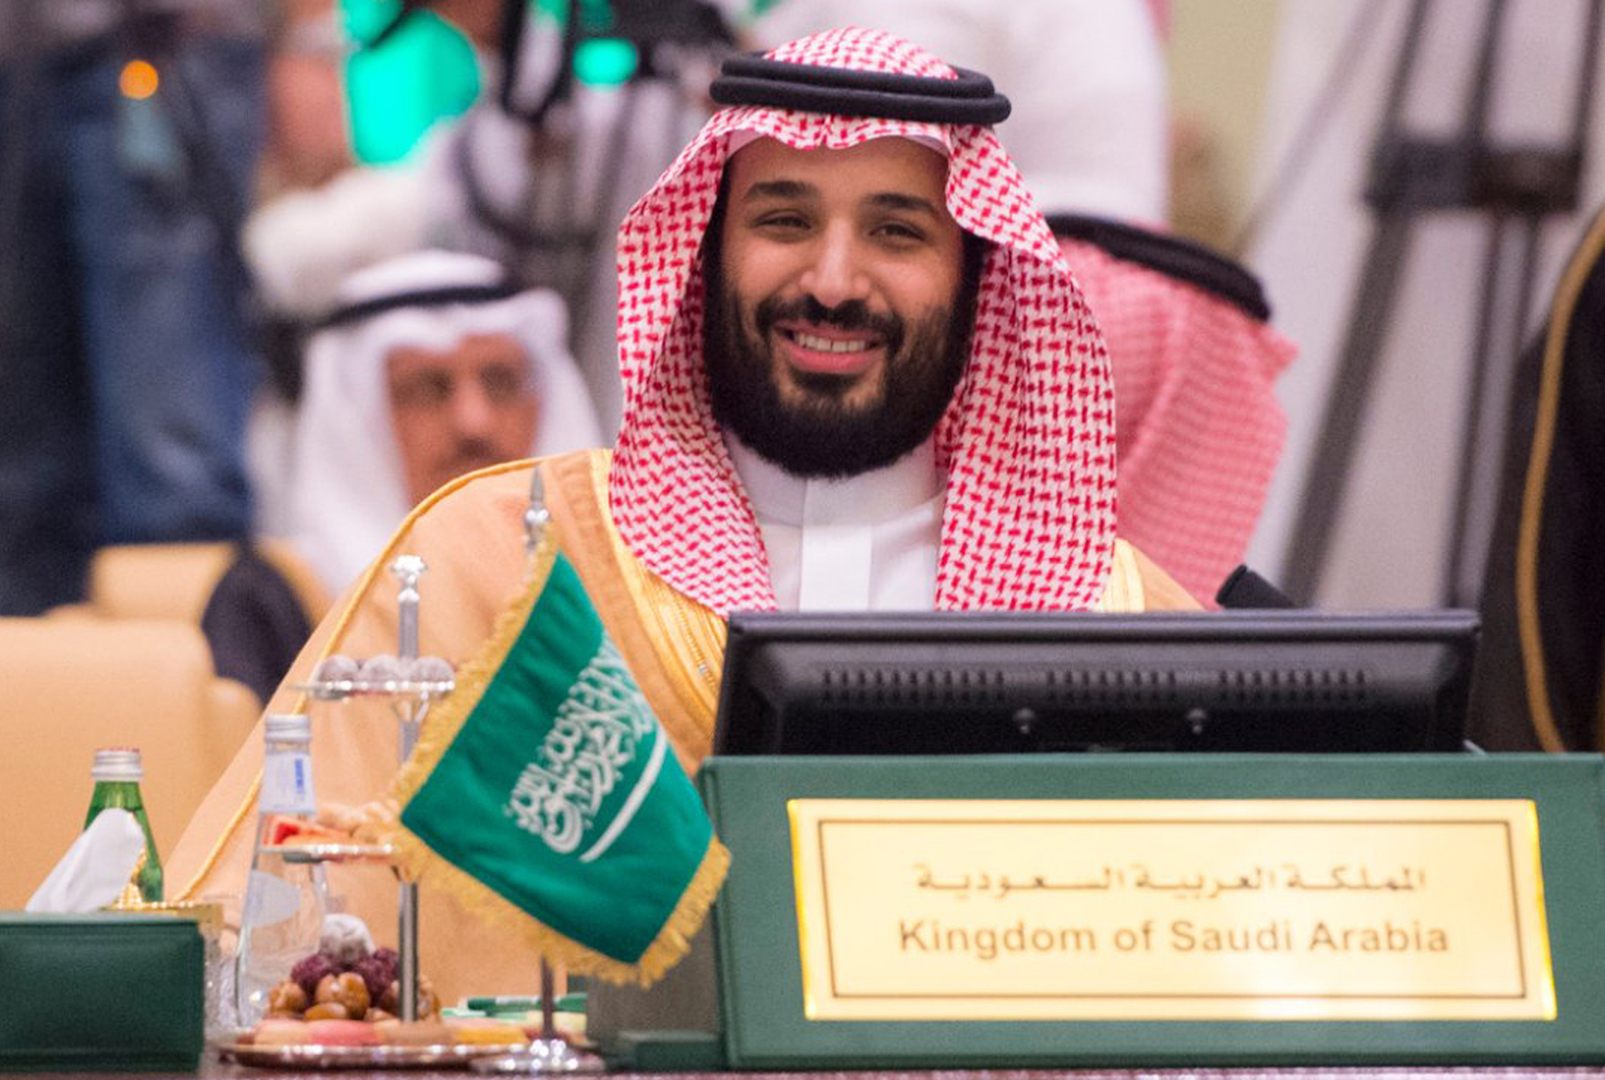 Saudi Arabien News